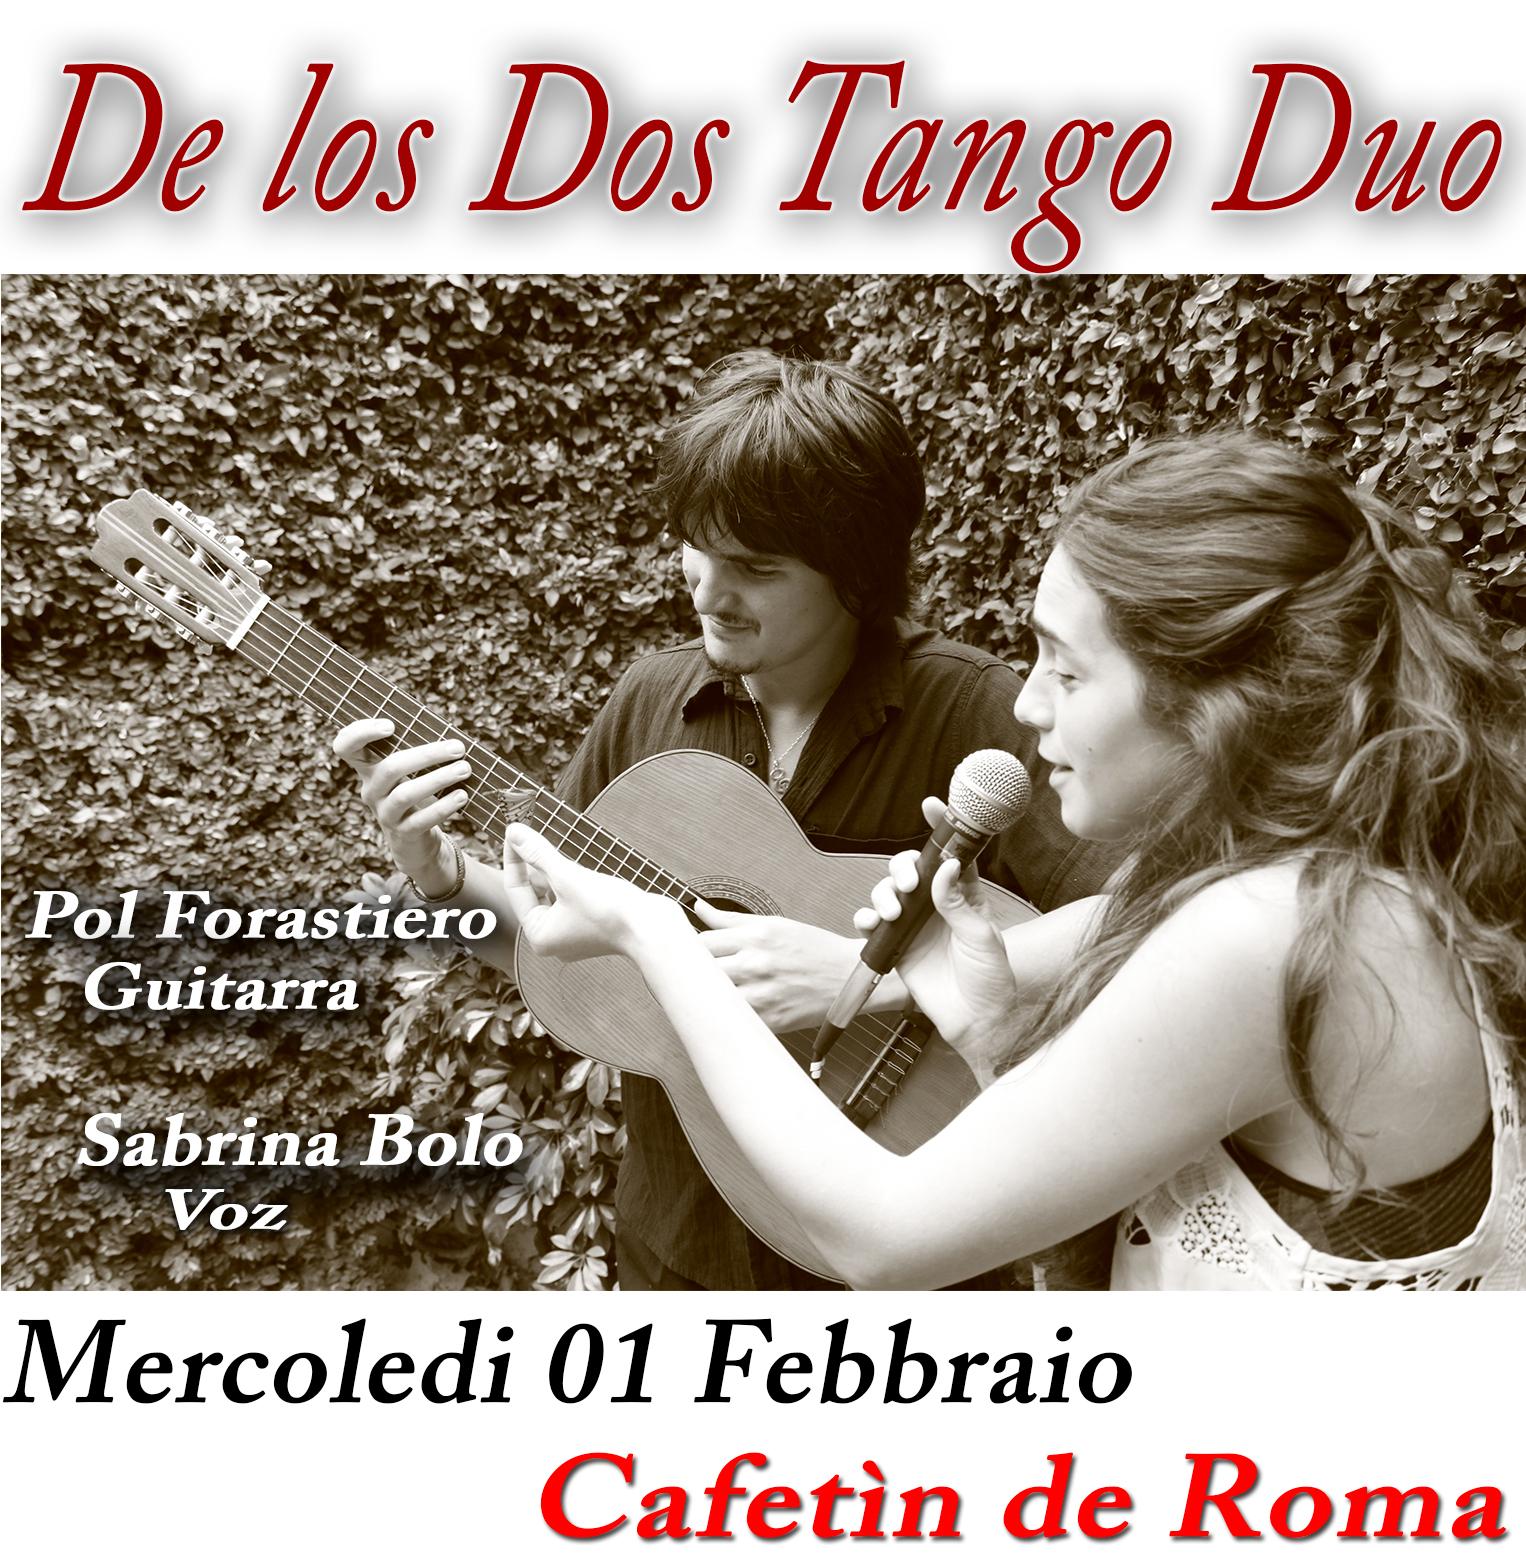 De los Dos Tango Duo